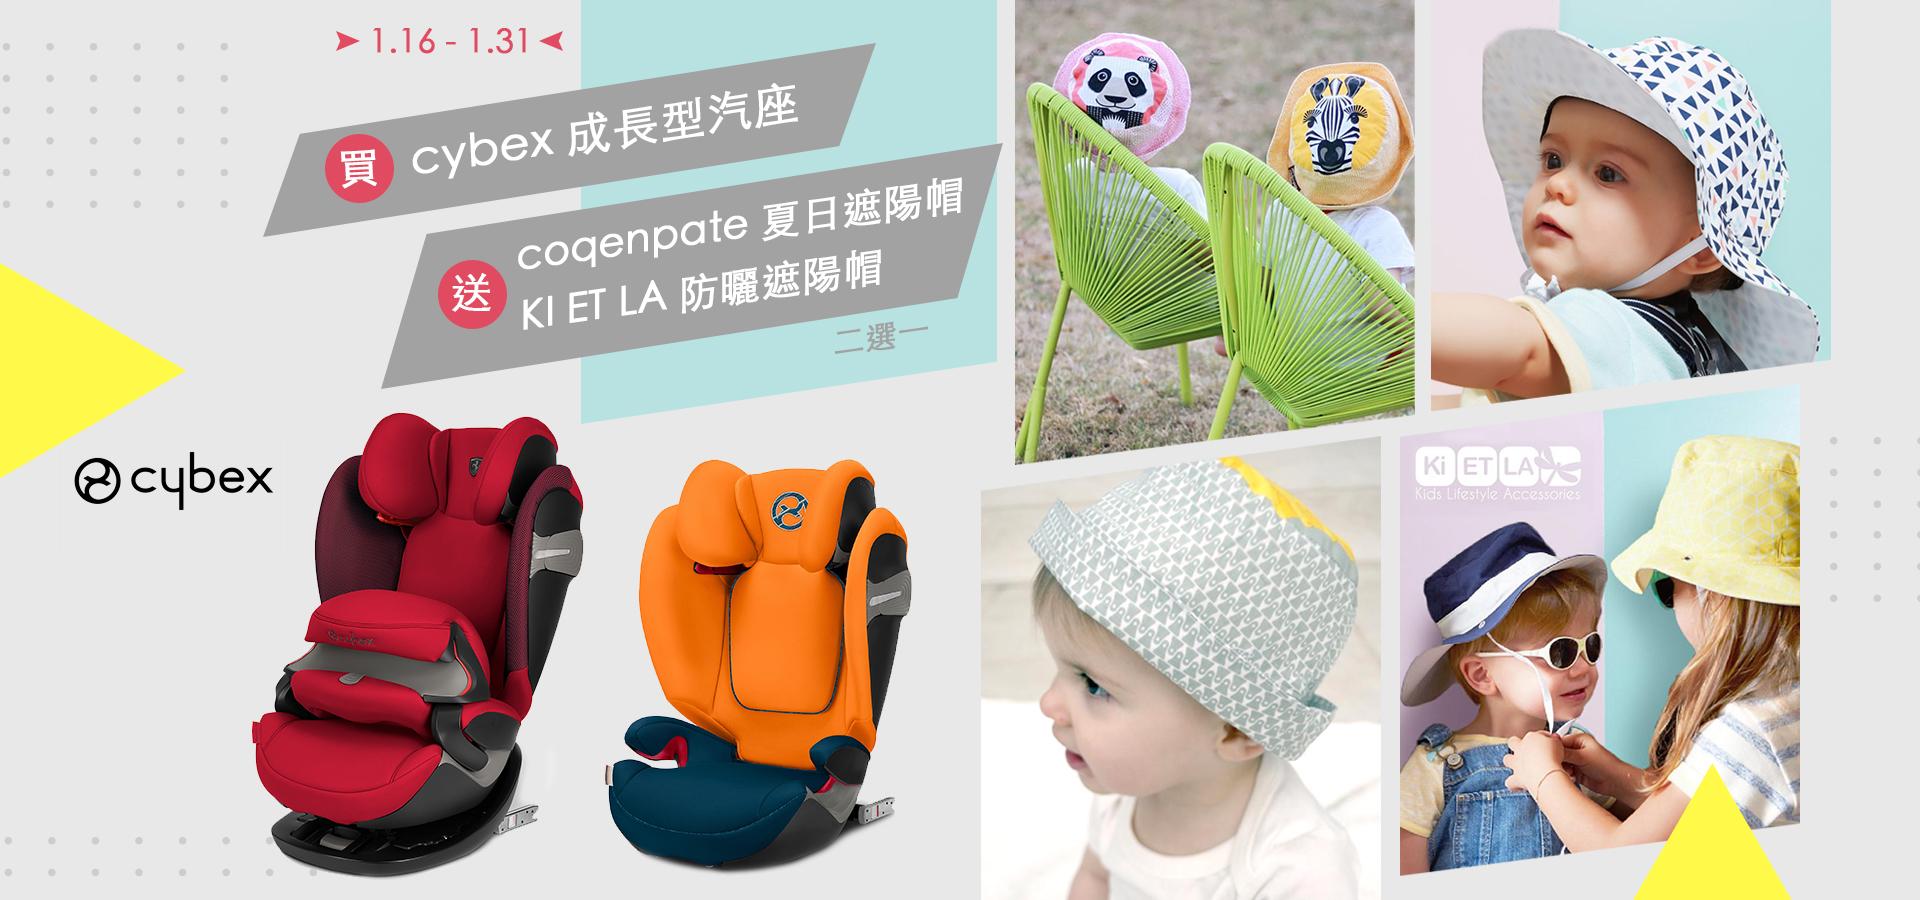 購買cybex成長型汽座送coqenpate夏日遮陽帽orKI ET LA防曬遮陽帽(二選一)